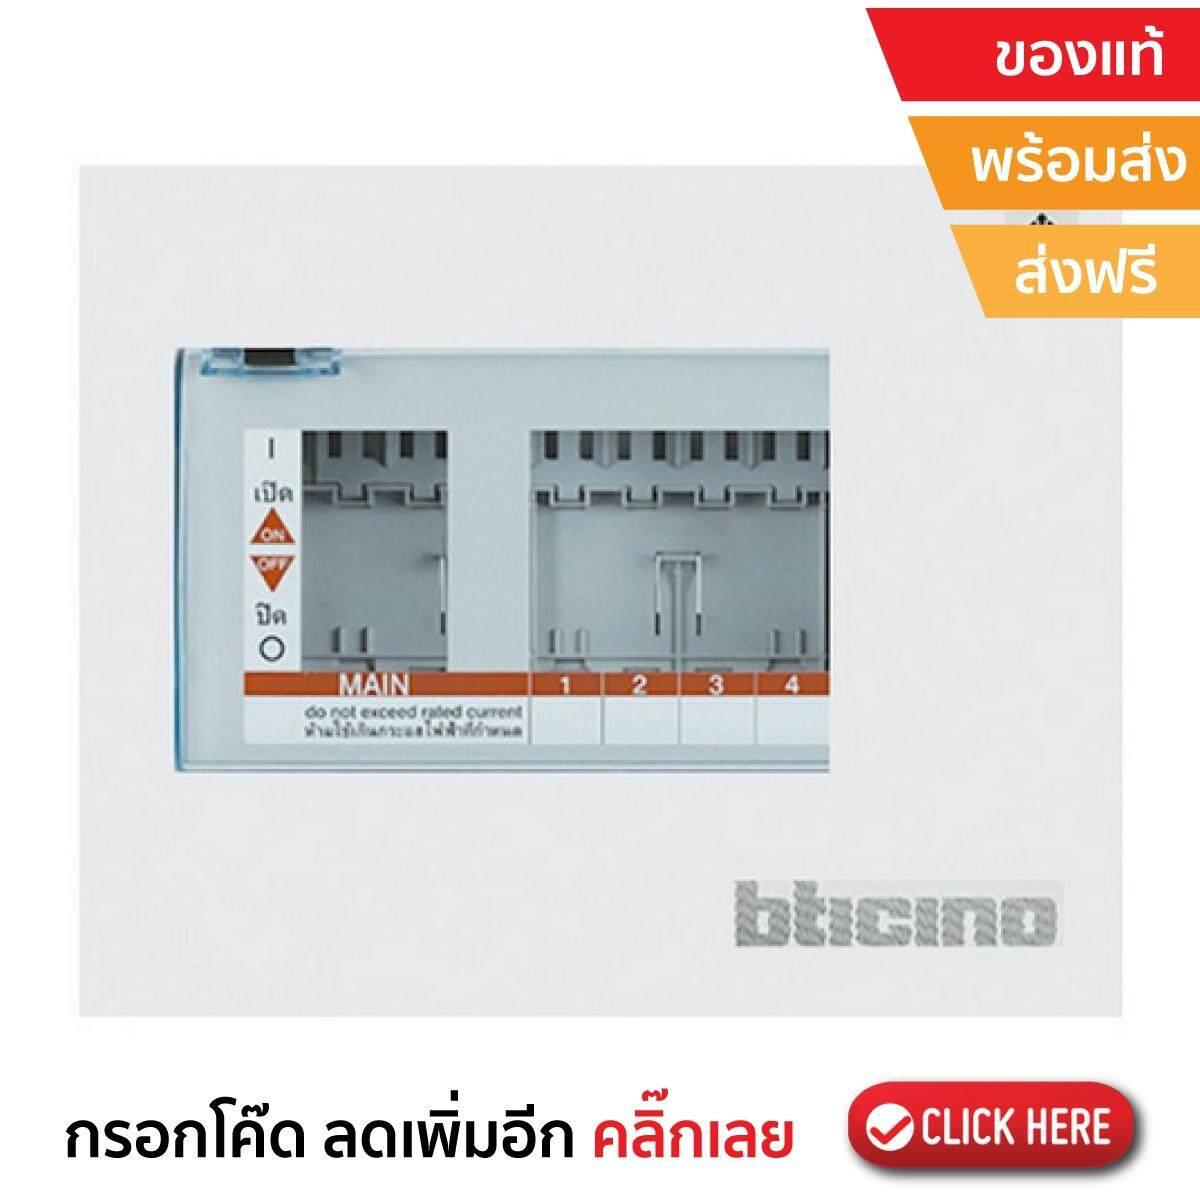 เก็บเงินปลายทางได้ ตู้ไฟฟ้า ตู้ไฟบ้าน ตู้เบรคเกอร์ สำหรับงานไฟฟ้า อุปกรณ์ไฟฟ้า ตู้ควบคุมไฟฟ้า ได้มาตรฐาน มีอายุการใช้งานที่ยาวนาน ตู้ C-UNIT 4ช่อง BTCN4 B-TICINO ส่ง kerry เก็บเงินปลายทาง